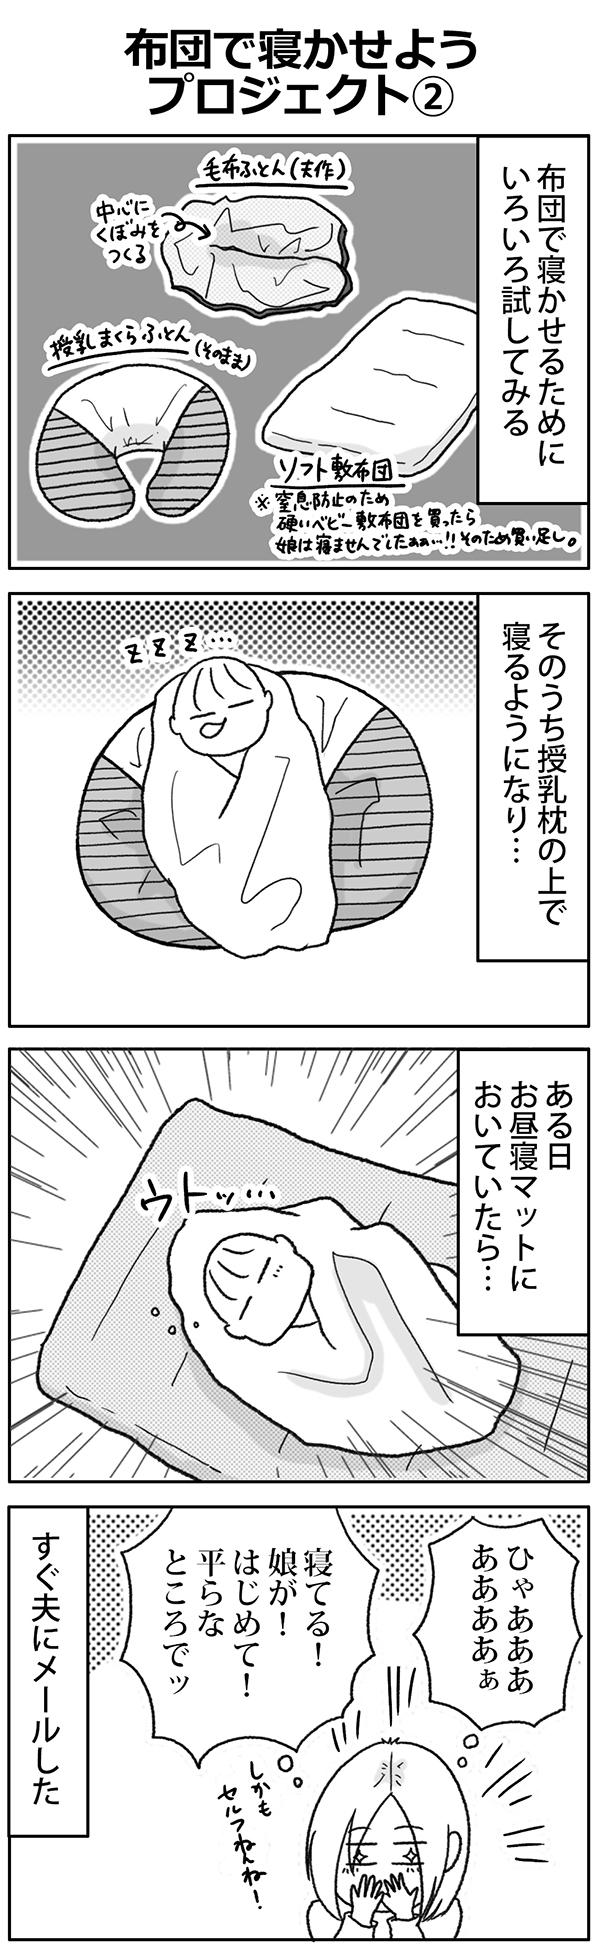 katakrico_88